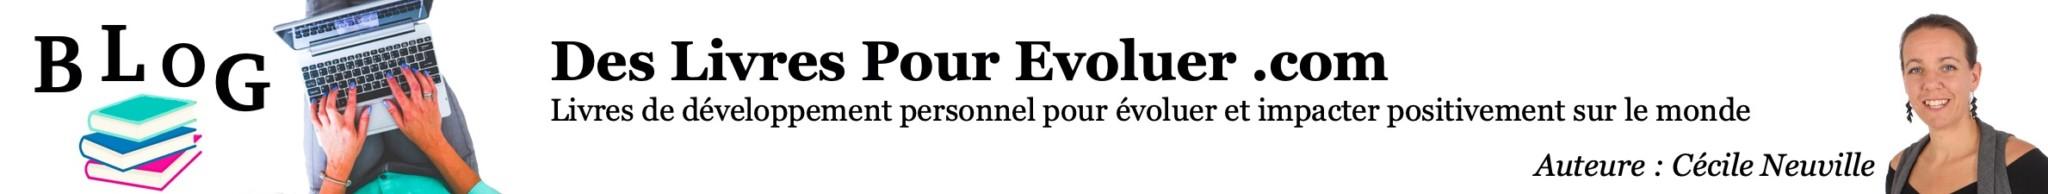 Bandeau-Accueil-Blog-Des-livres-pour-evoluer